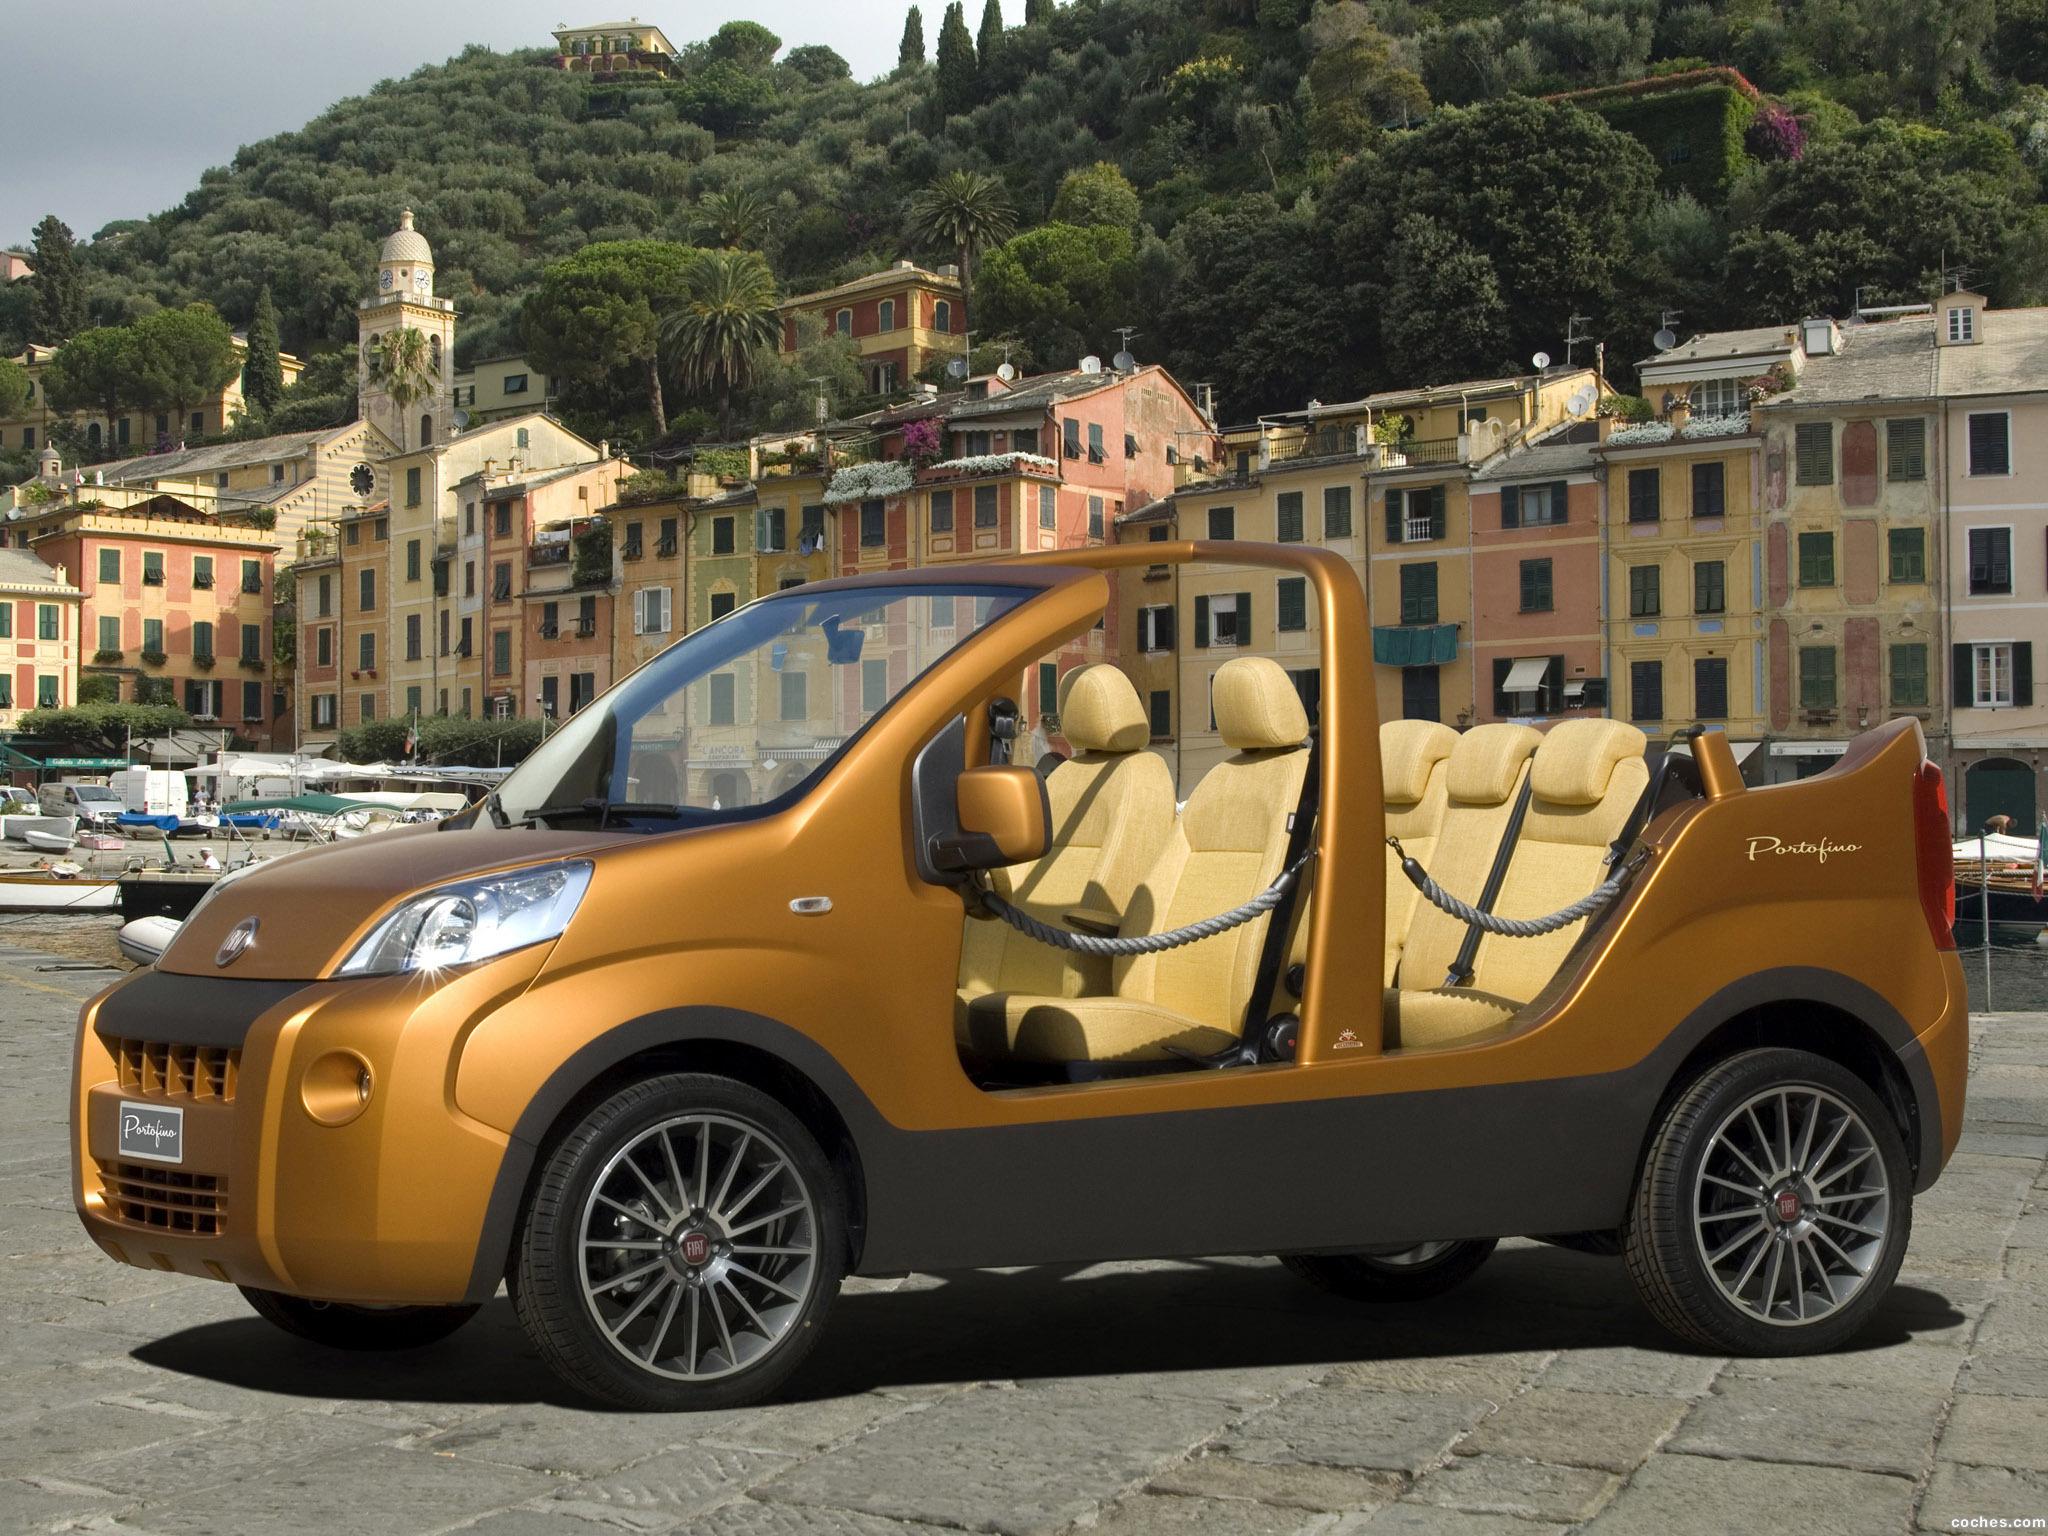 Foto 0 de Fiat Fiorino Portofino Concept 2008